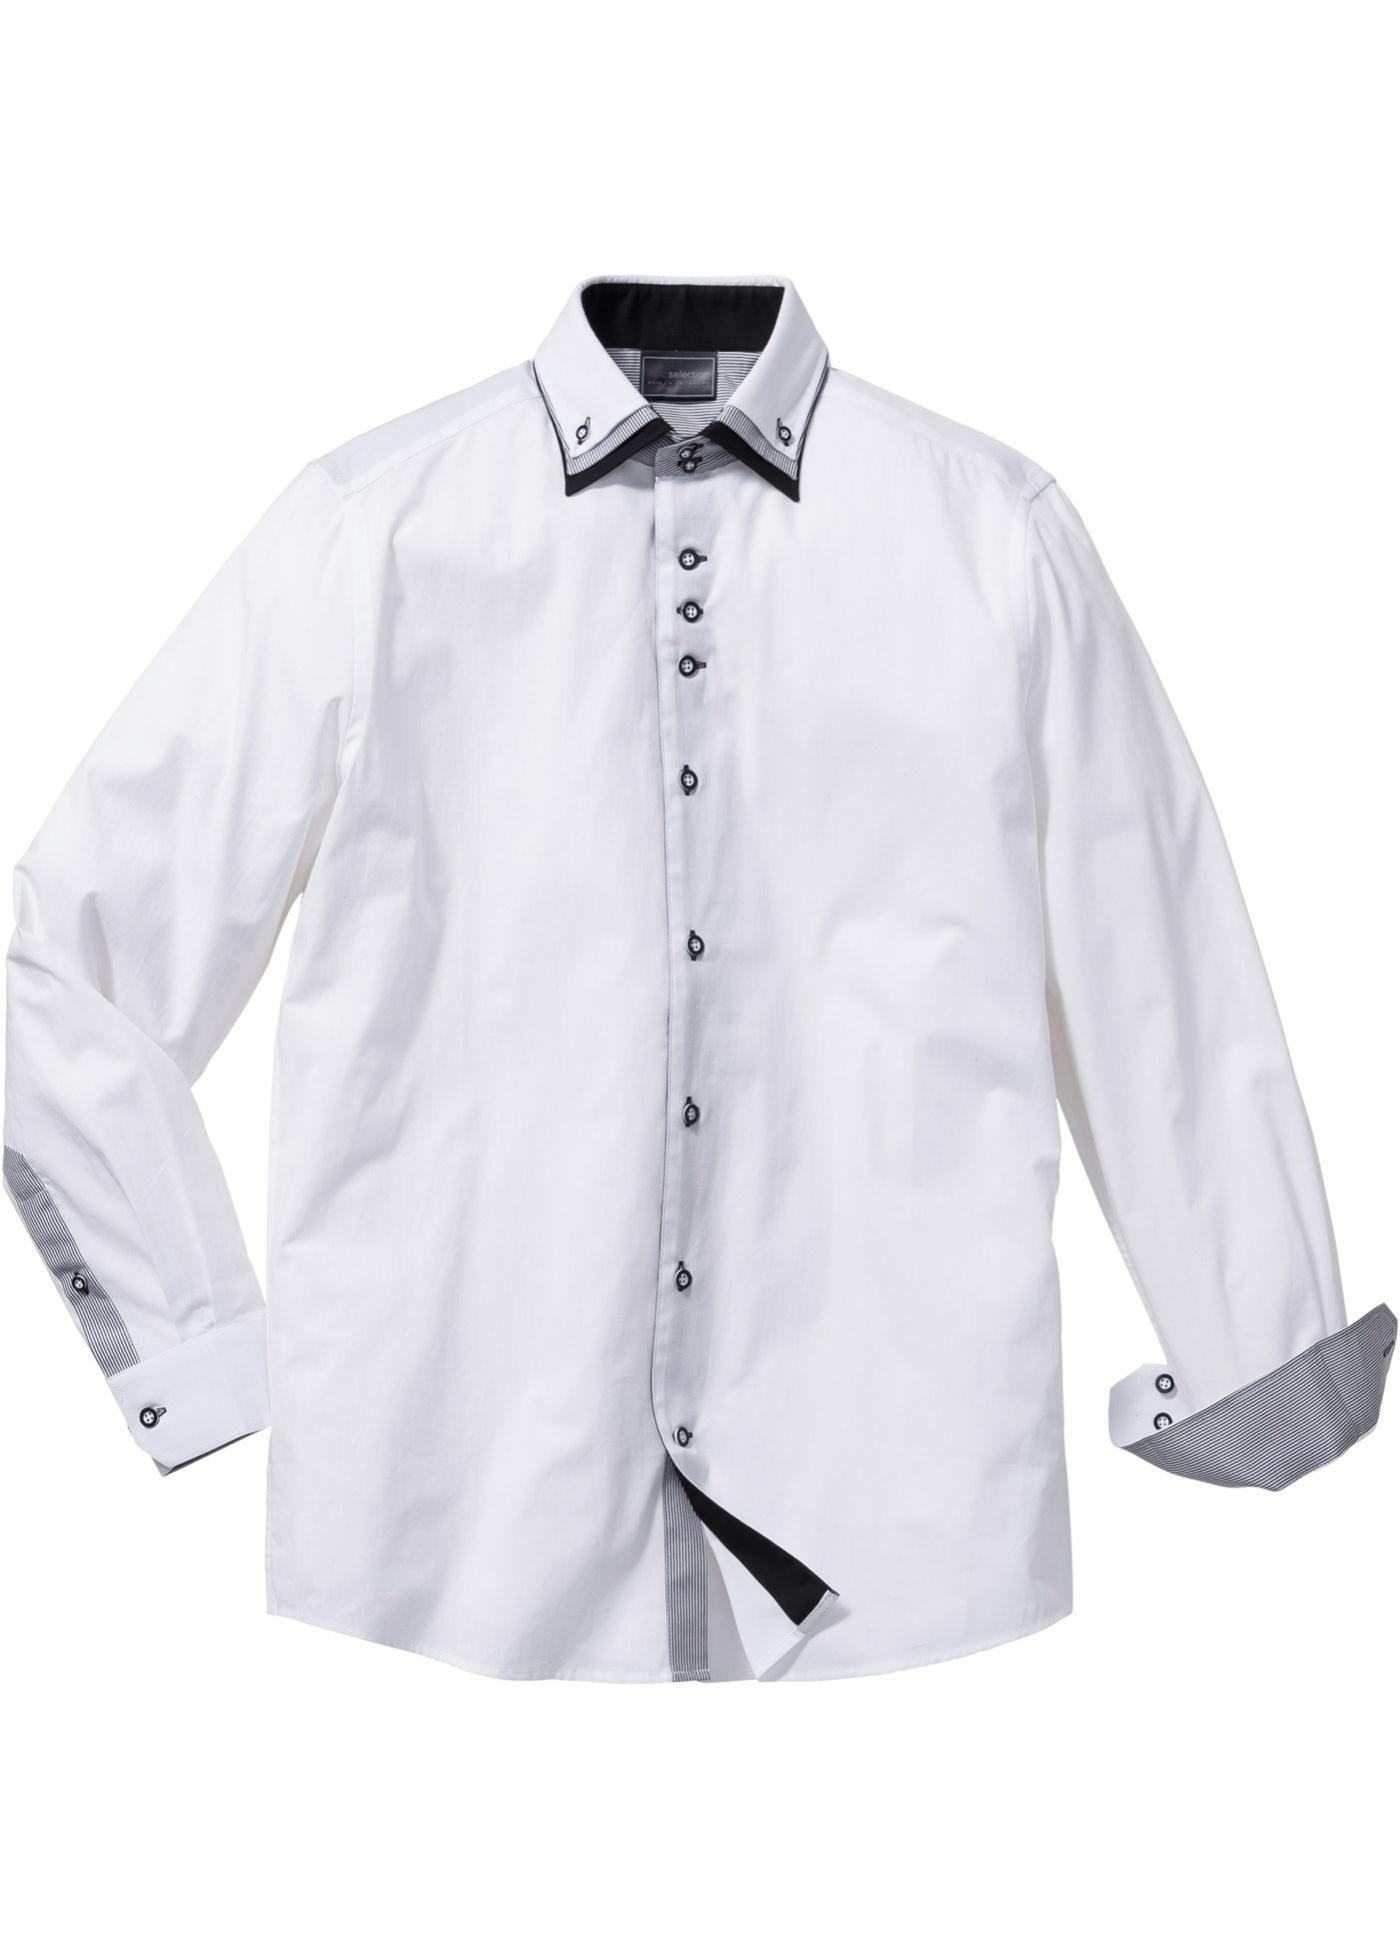 5ab713a90548 Business košile Slim Fit - Bílá